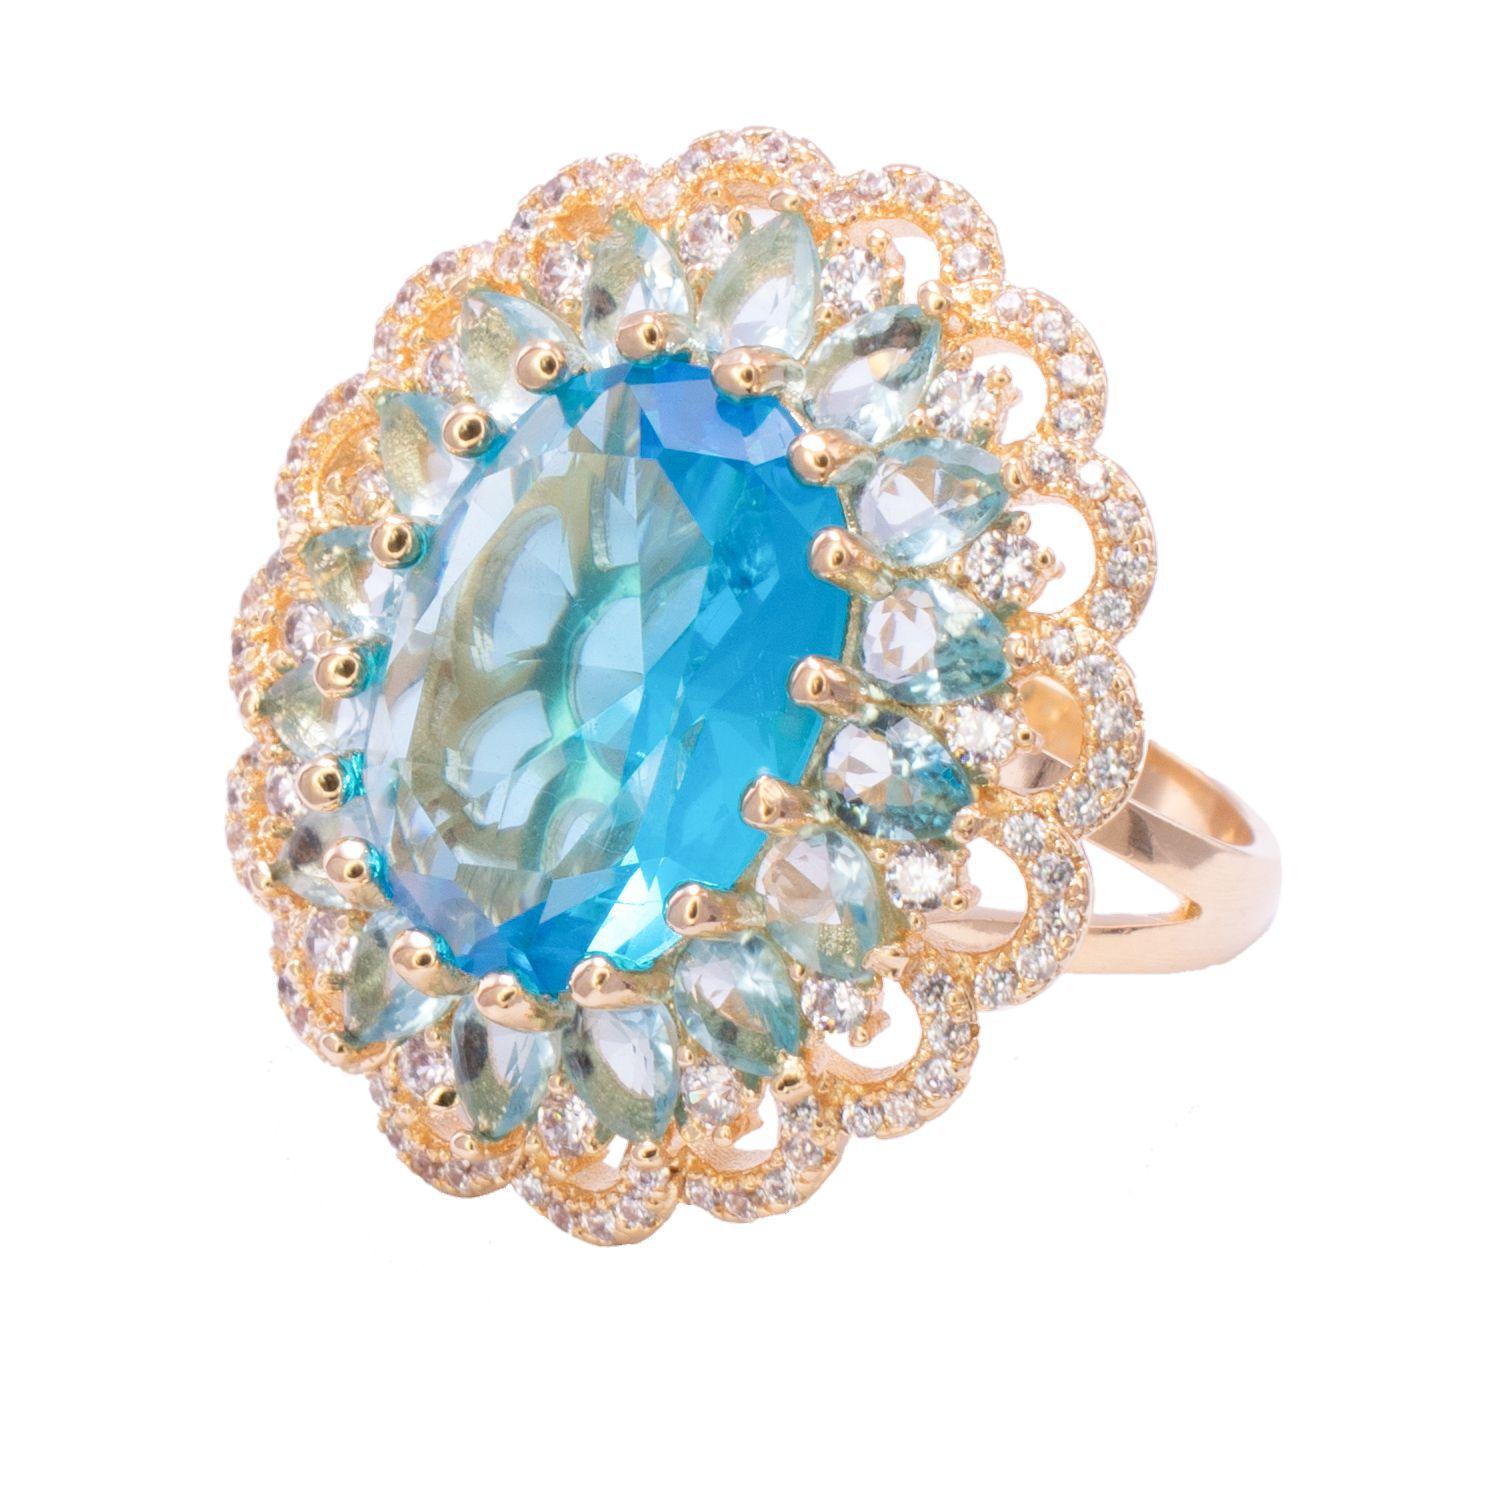 Anel com Cristal Azul e Pedra Zircônia Incolor Banho Ouro 18k - Giro Semijoias